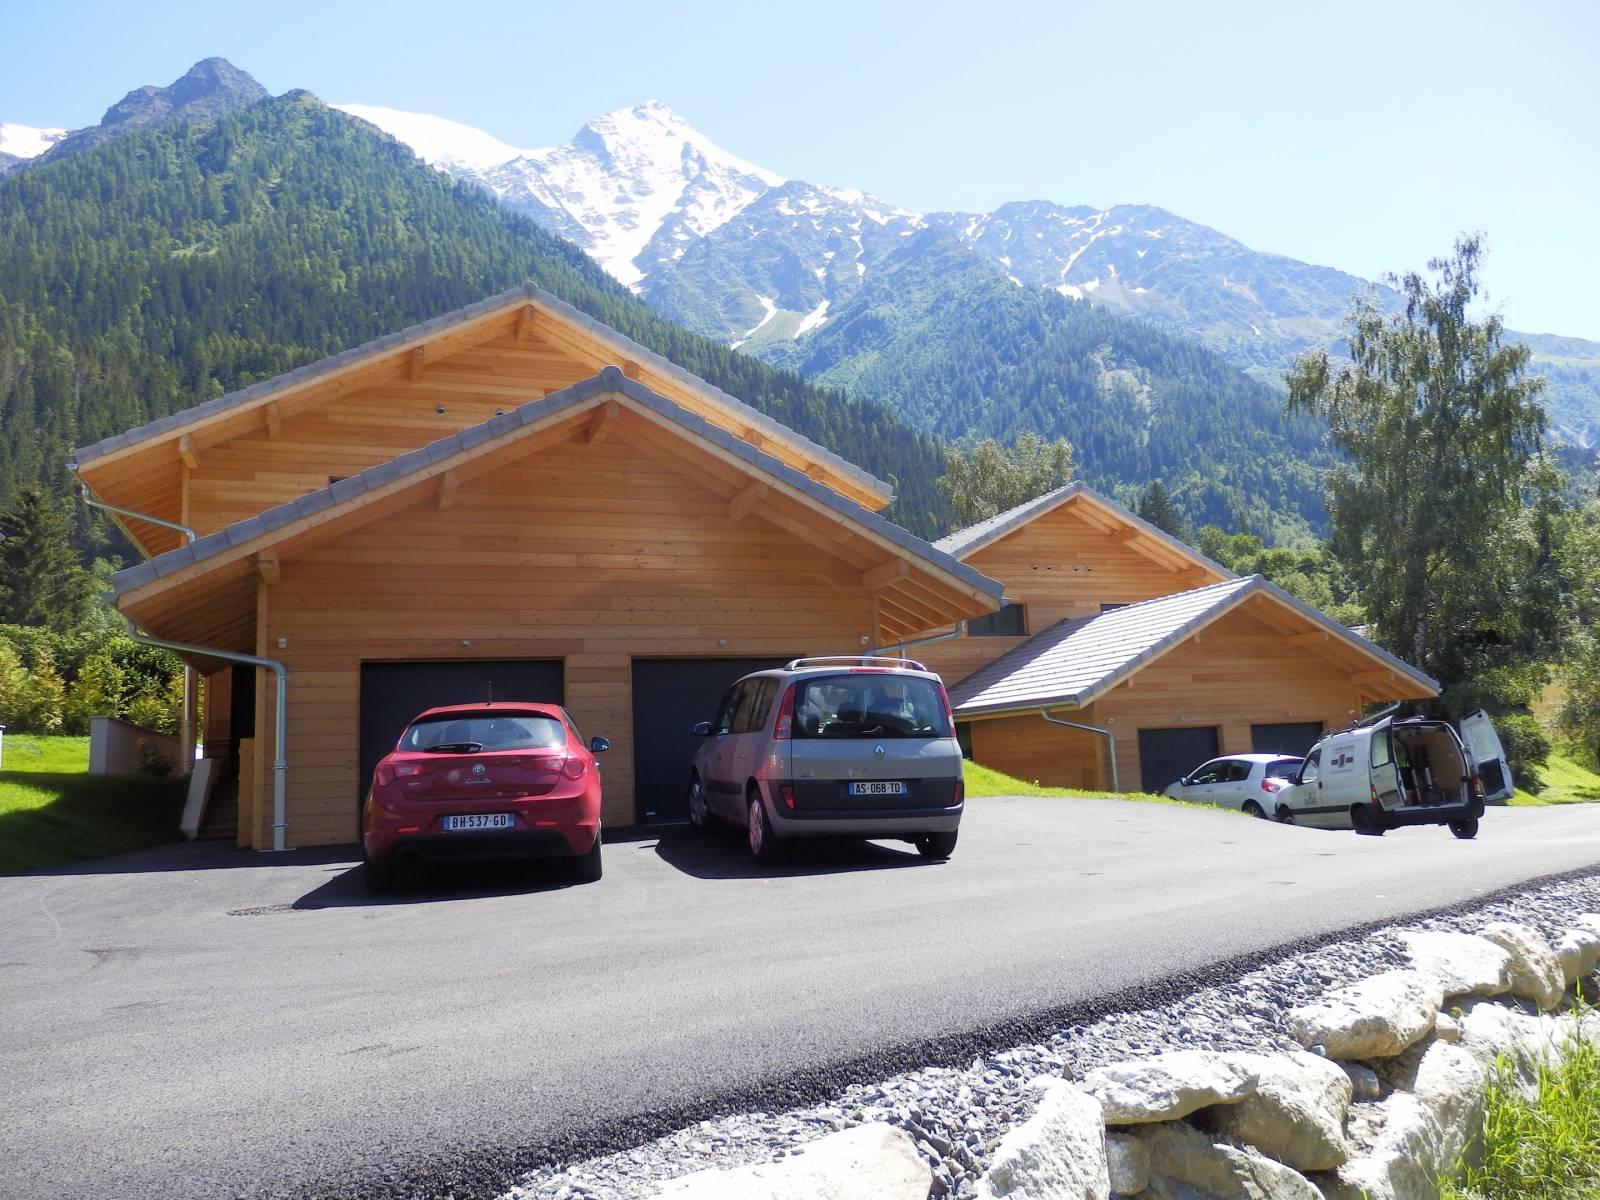 Maison En Bois Annecy maison bardage bois - charpentier constructeur de maison